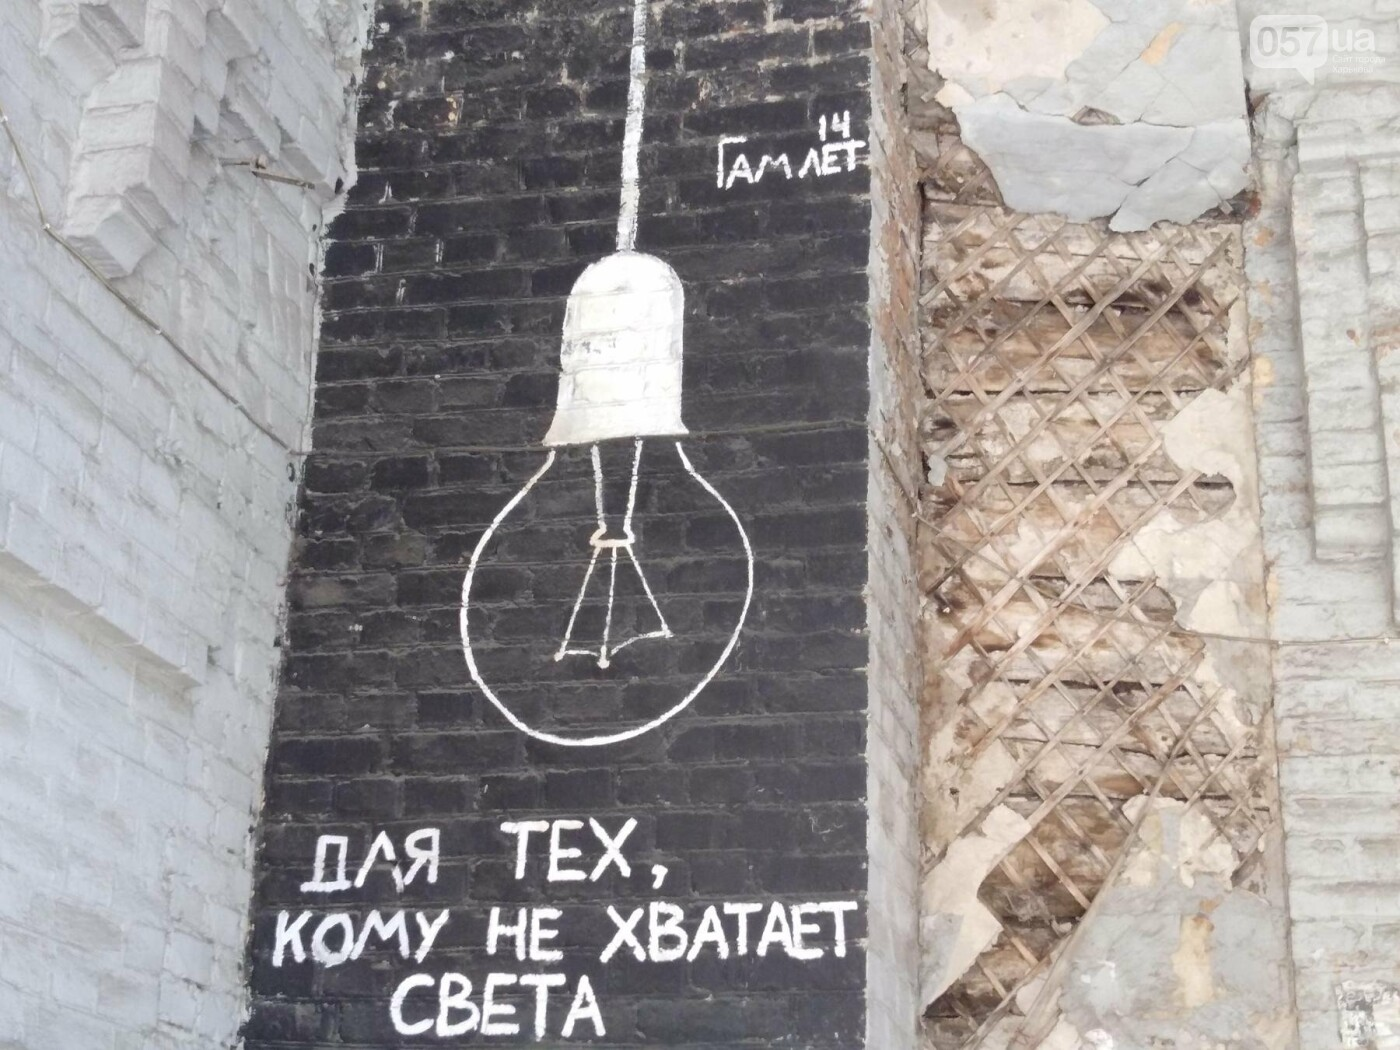 Стрит-арт Гамлета в Харькове: ТОП-10 граффити художника, - ФОТО